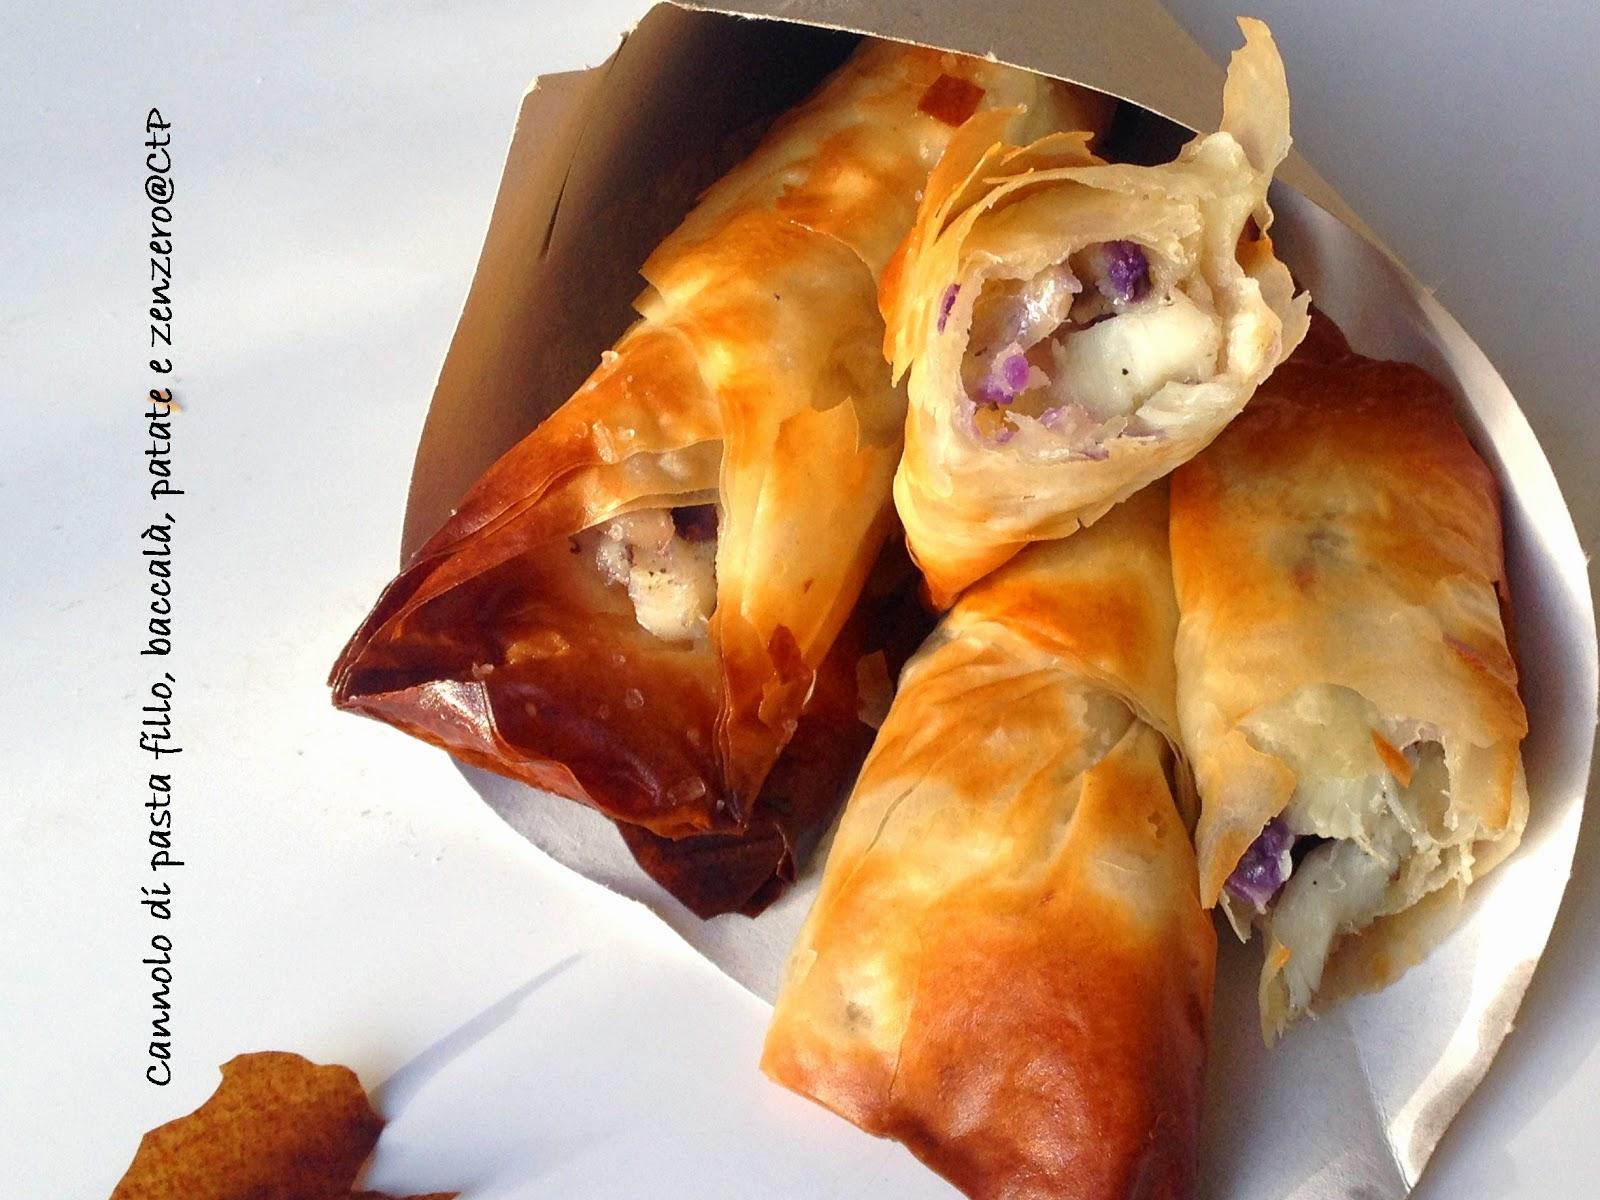 Cannoli di pasta fillo con Baccalà, Patate viola e gialle  e Zenzero vernaccia san gimigliano